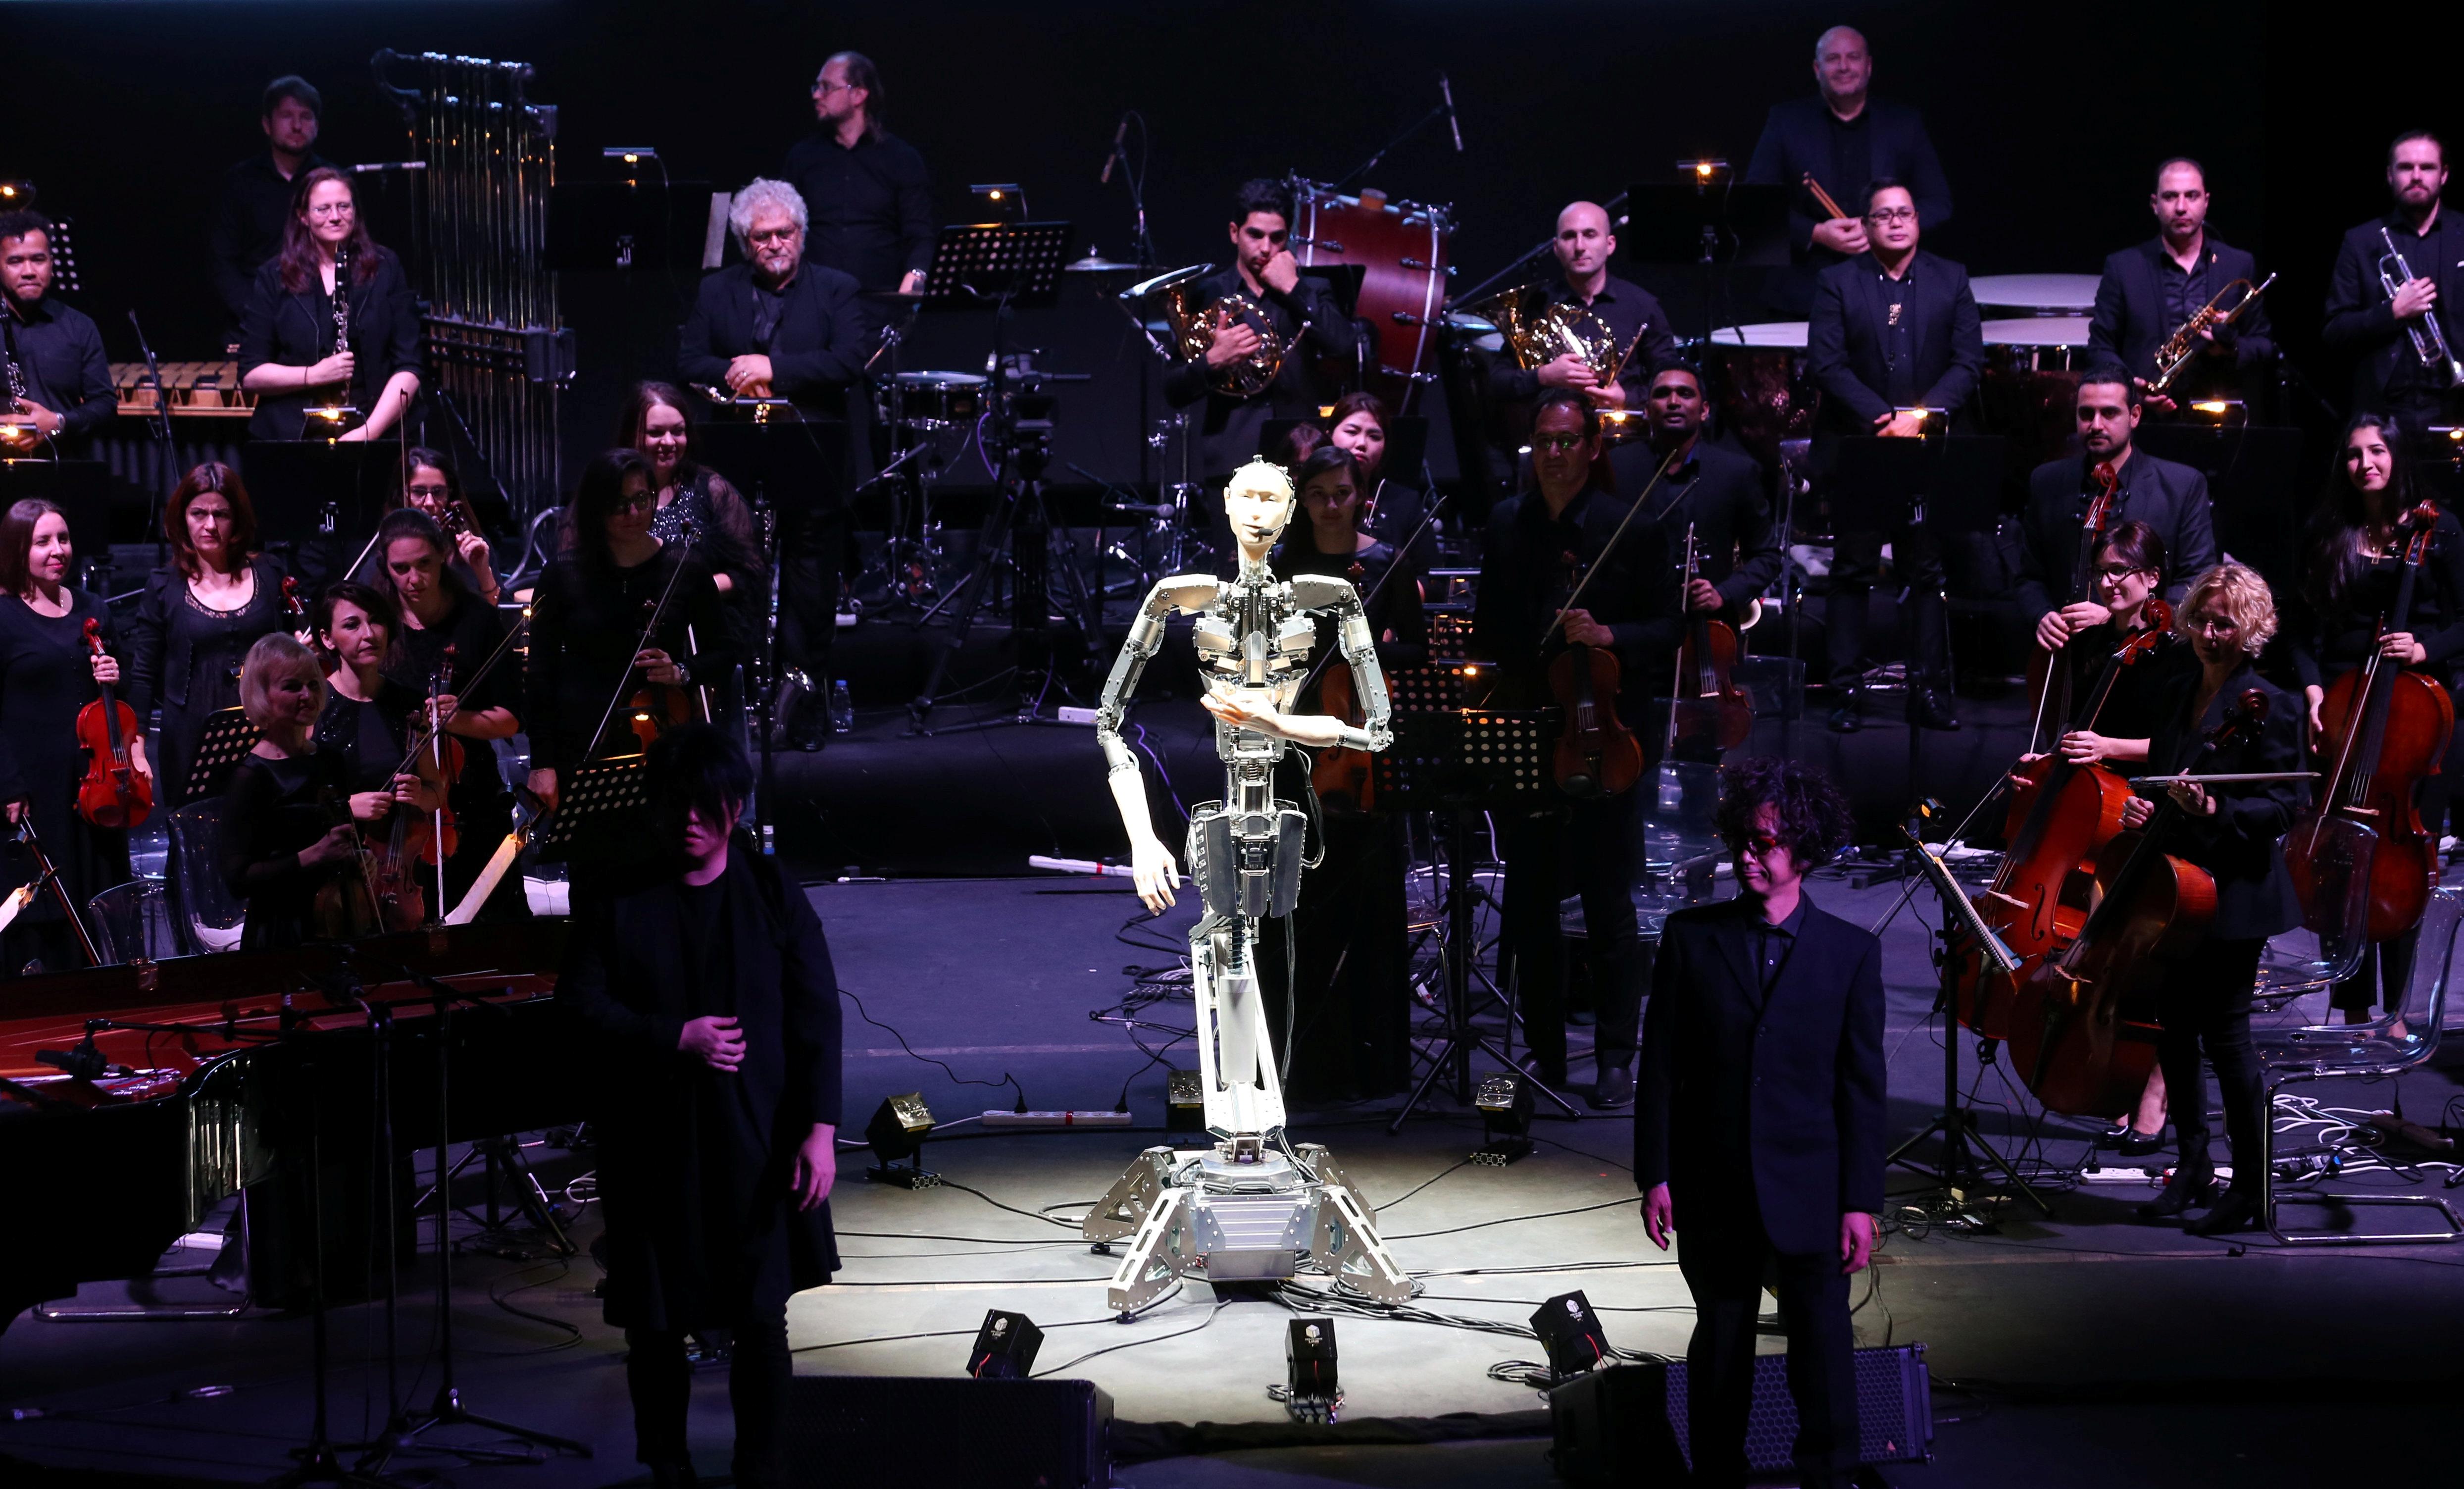 الروبوت المايسترو فيما يبدو تحية لجمهور الحفل الموسيقي